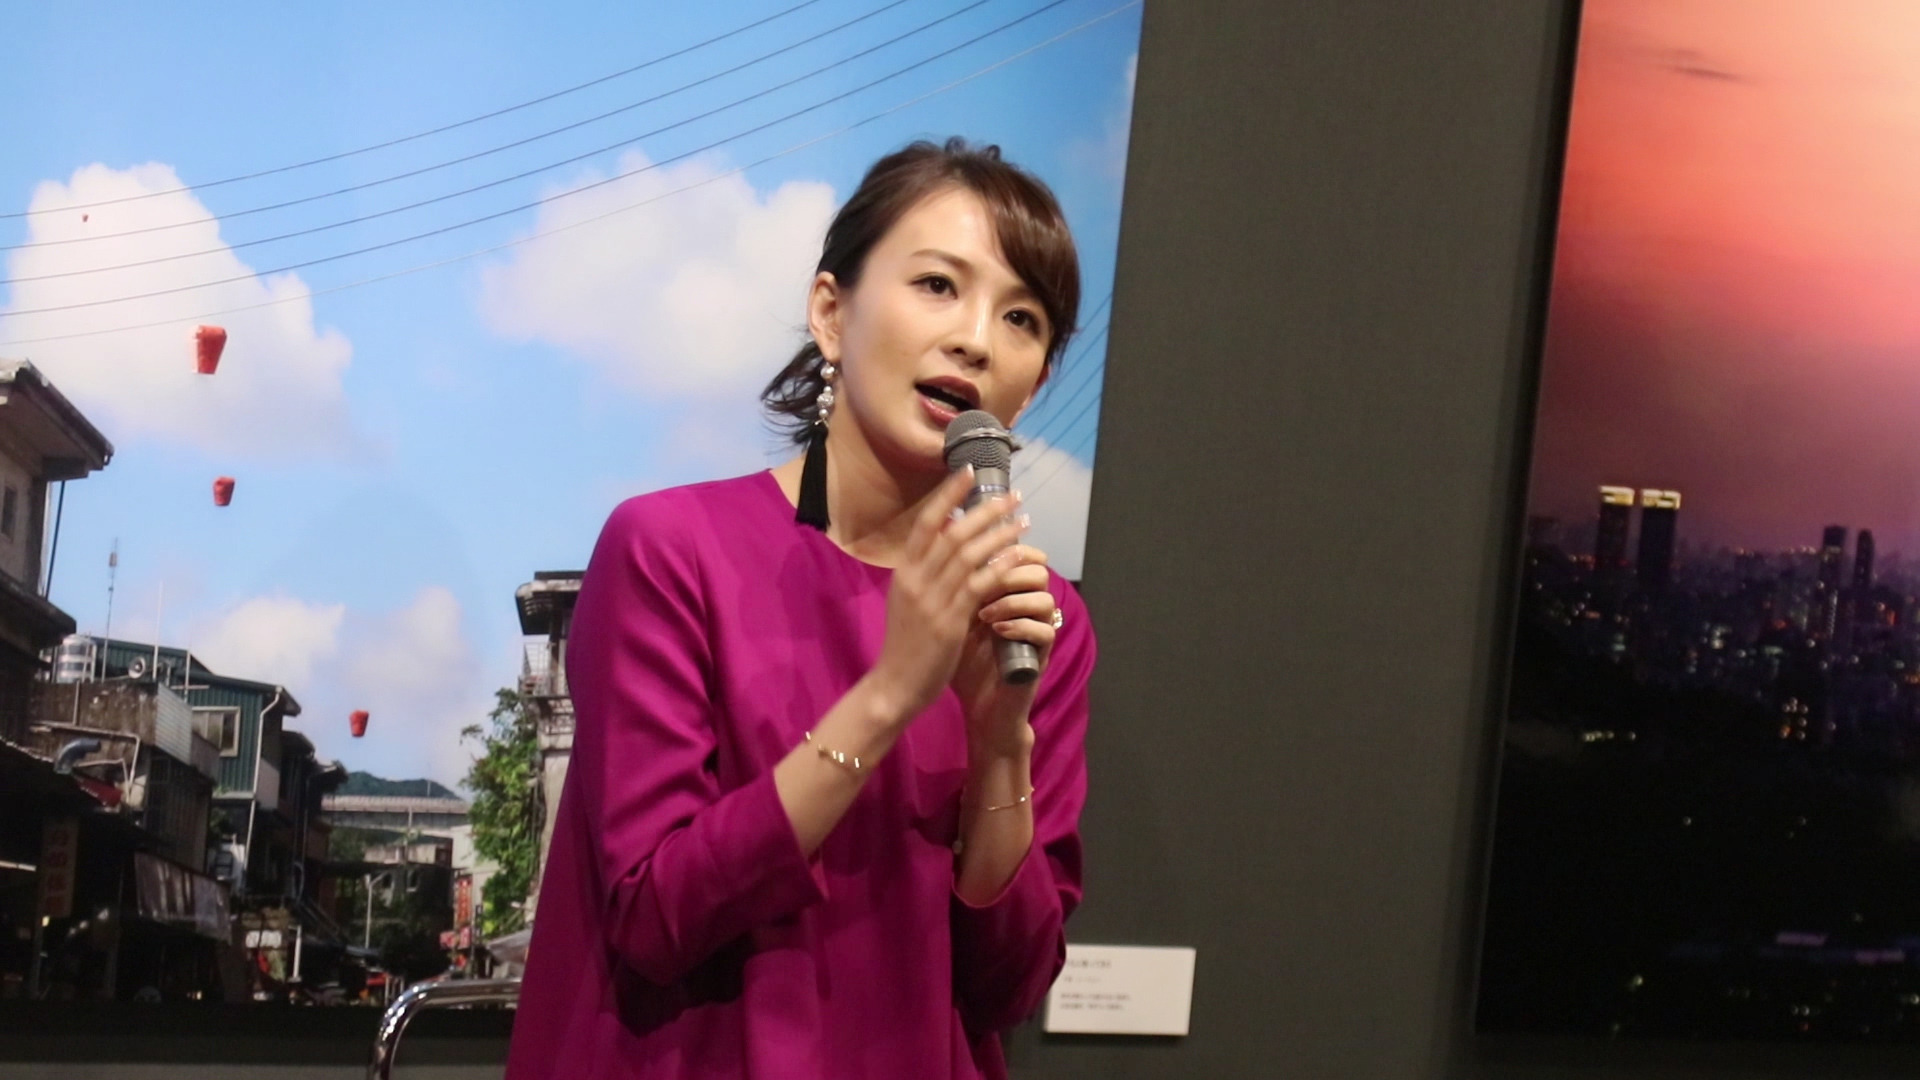 舞川あいくが写真展でトークショー開催! 台湾出身のルーツを追求したテーマで大盛況!